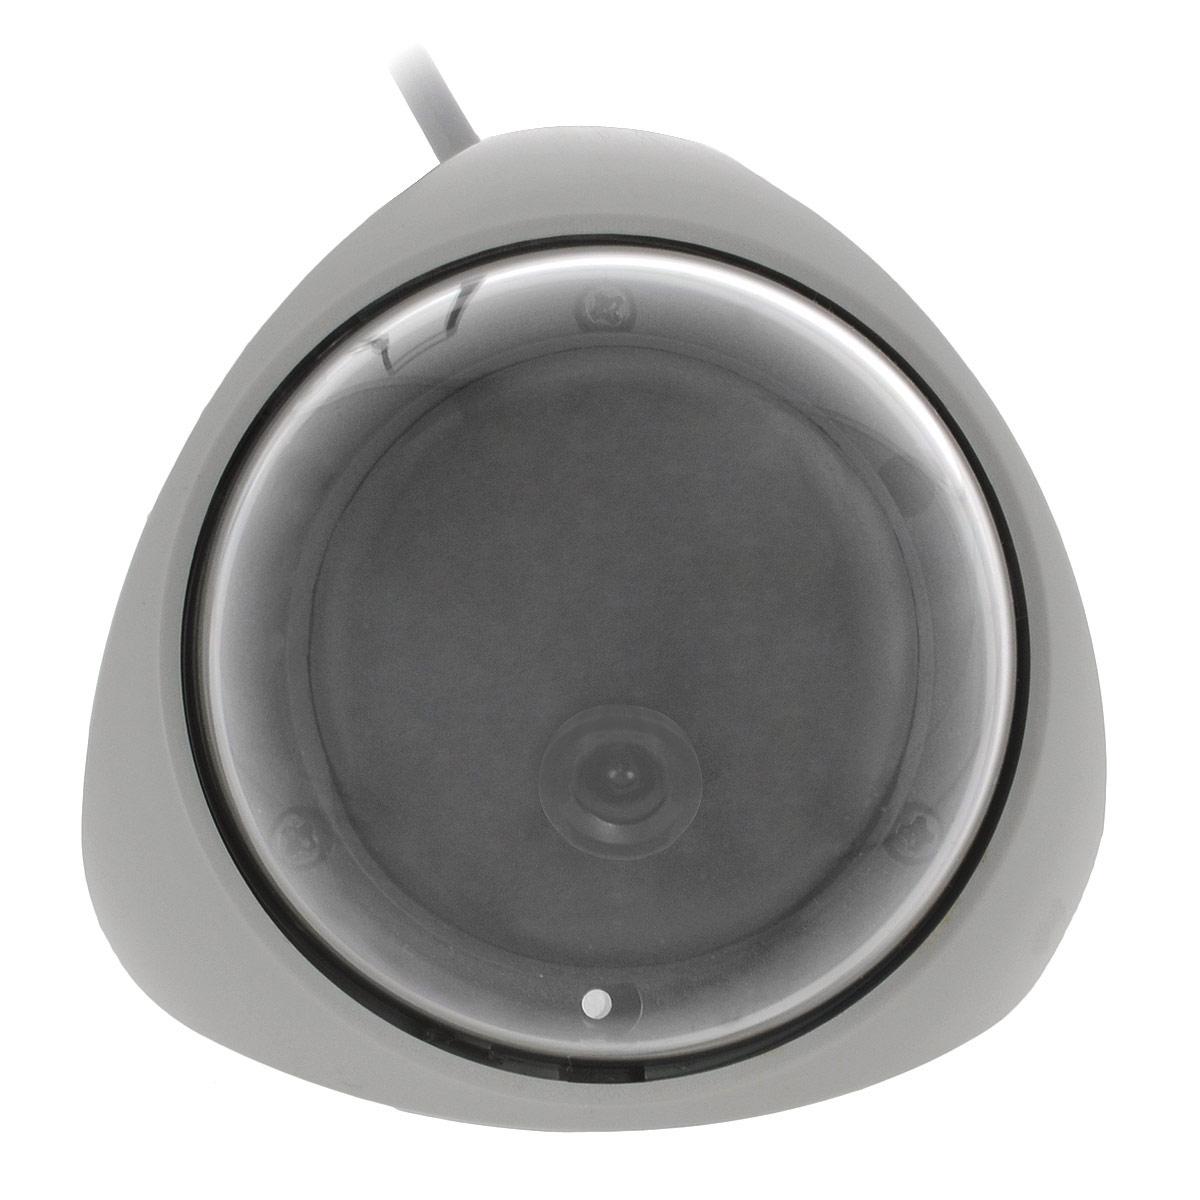 Sapsan SAV309A купольная видеокамера с микрофономSAV309 AudioЦветная купольная видеокамера Sapsan SAV309A высокого разрешения и высокой чувствительности, предназначена для организации видеонаблюдения и аудиоконтроля внутри помещений. Камера снабжена высокочувствительным микрофоном. Оснащена функциями автоматического баланса белого (AWB), встроенной компенсации засветки (BLC). Отличительная характеристика этой камеры - отношение сигнал/шум (58дБ), такую камеру можно ставить на большом удалении от приемника видеосигнала. Для подключения камеры Sapsan SDC309A к устройству приема видеосигнала необходимо использовать коаксиальный кабель с волновым сопротивлением 75 Ом.